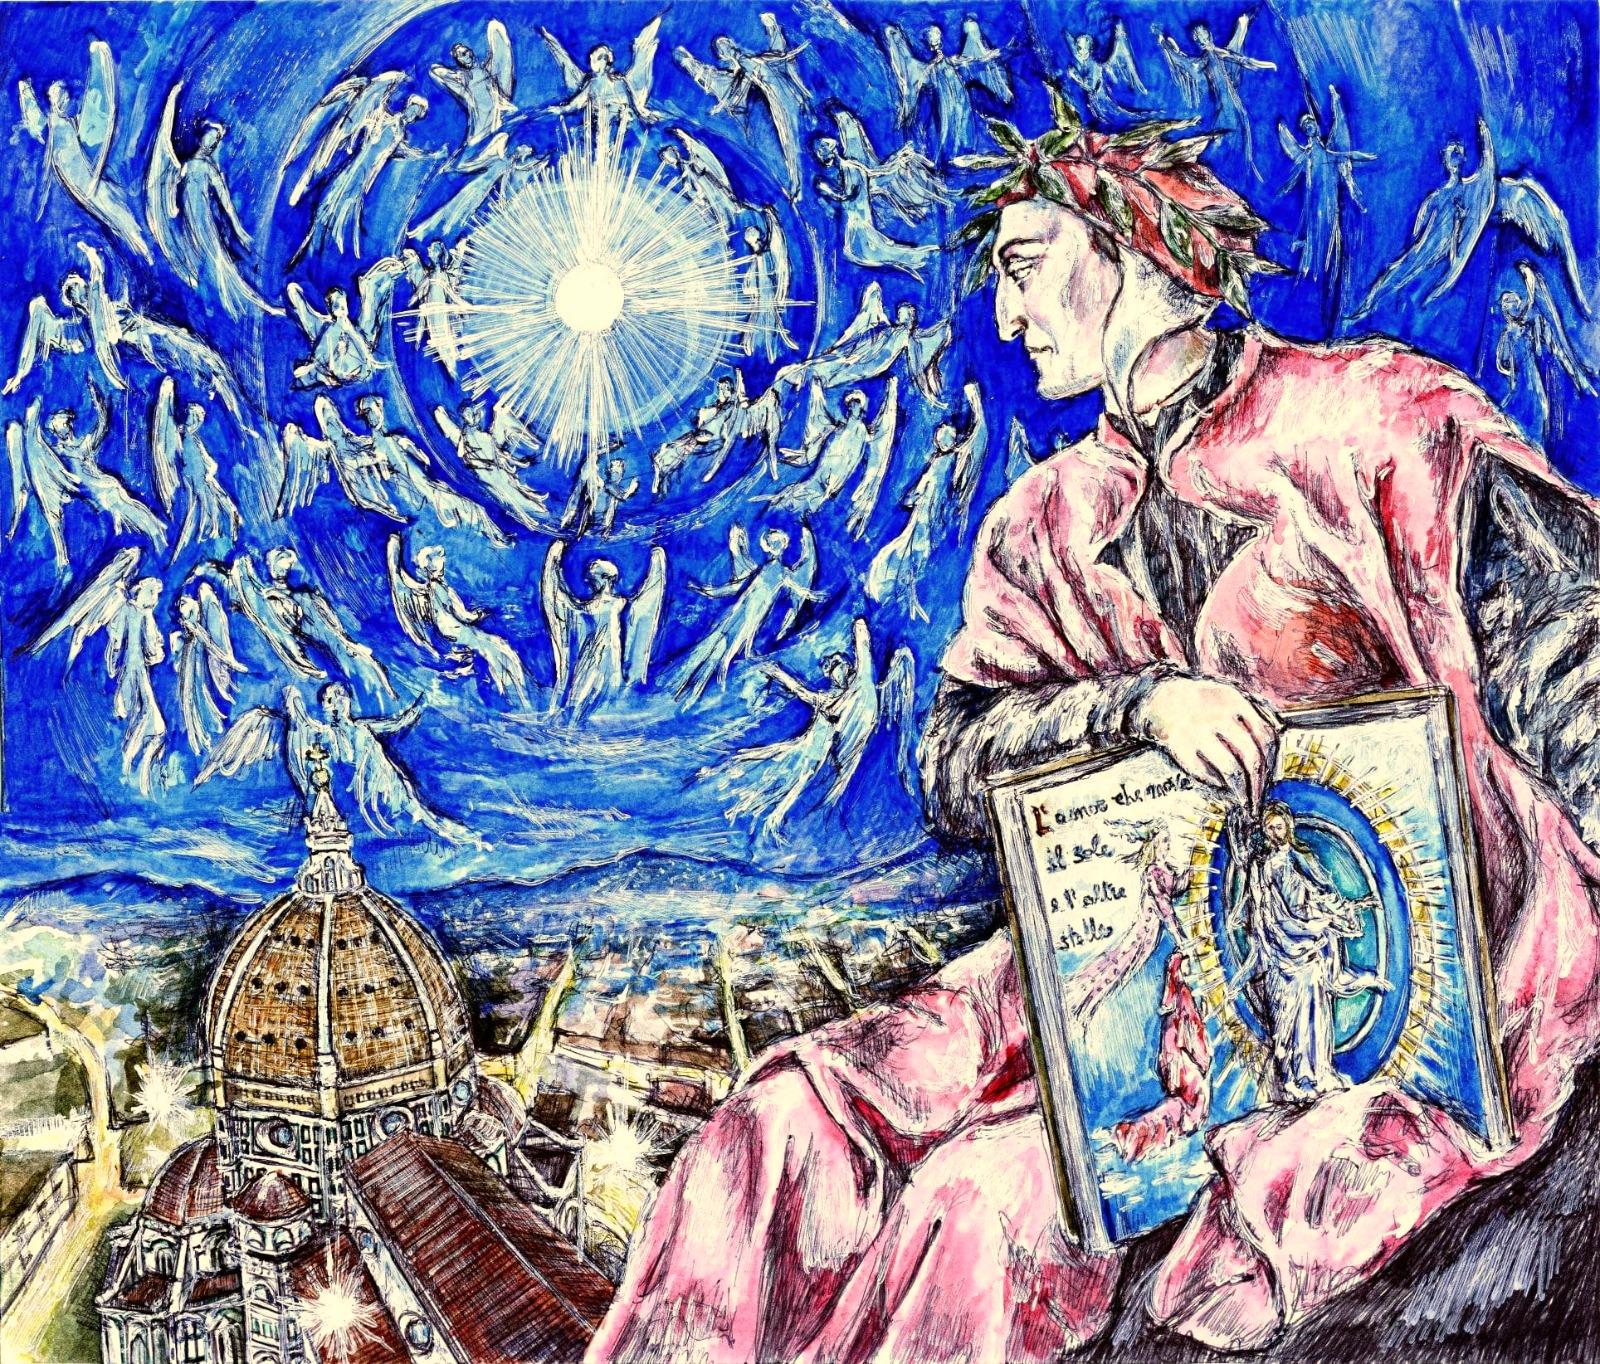 """Illustrazione: """"Apoteosi di Dante Alighieri a Firenze: l'Amor che move il sole e l'altre stelle"""", grattage su graphia dell'artista Giovanni Guida, 2020."""